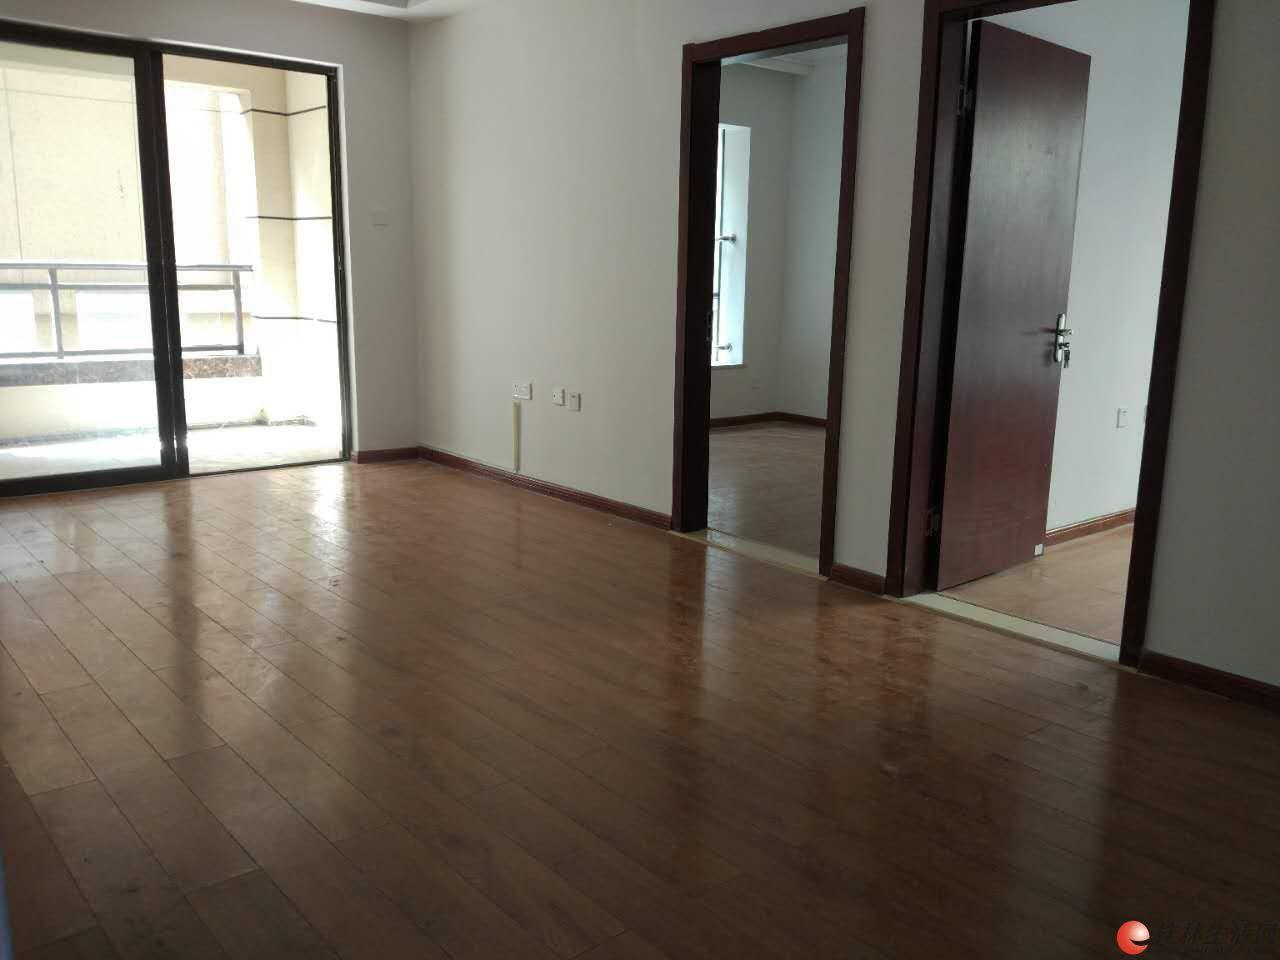 万达公广场,两室两厅一卫1600/月,可办公居家